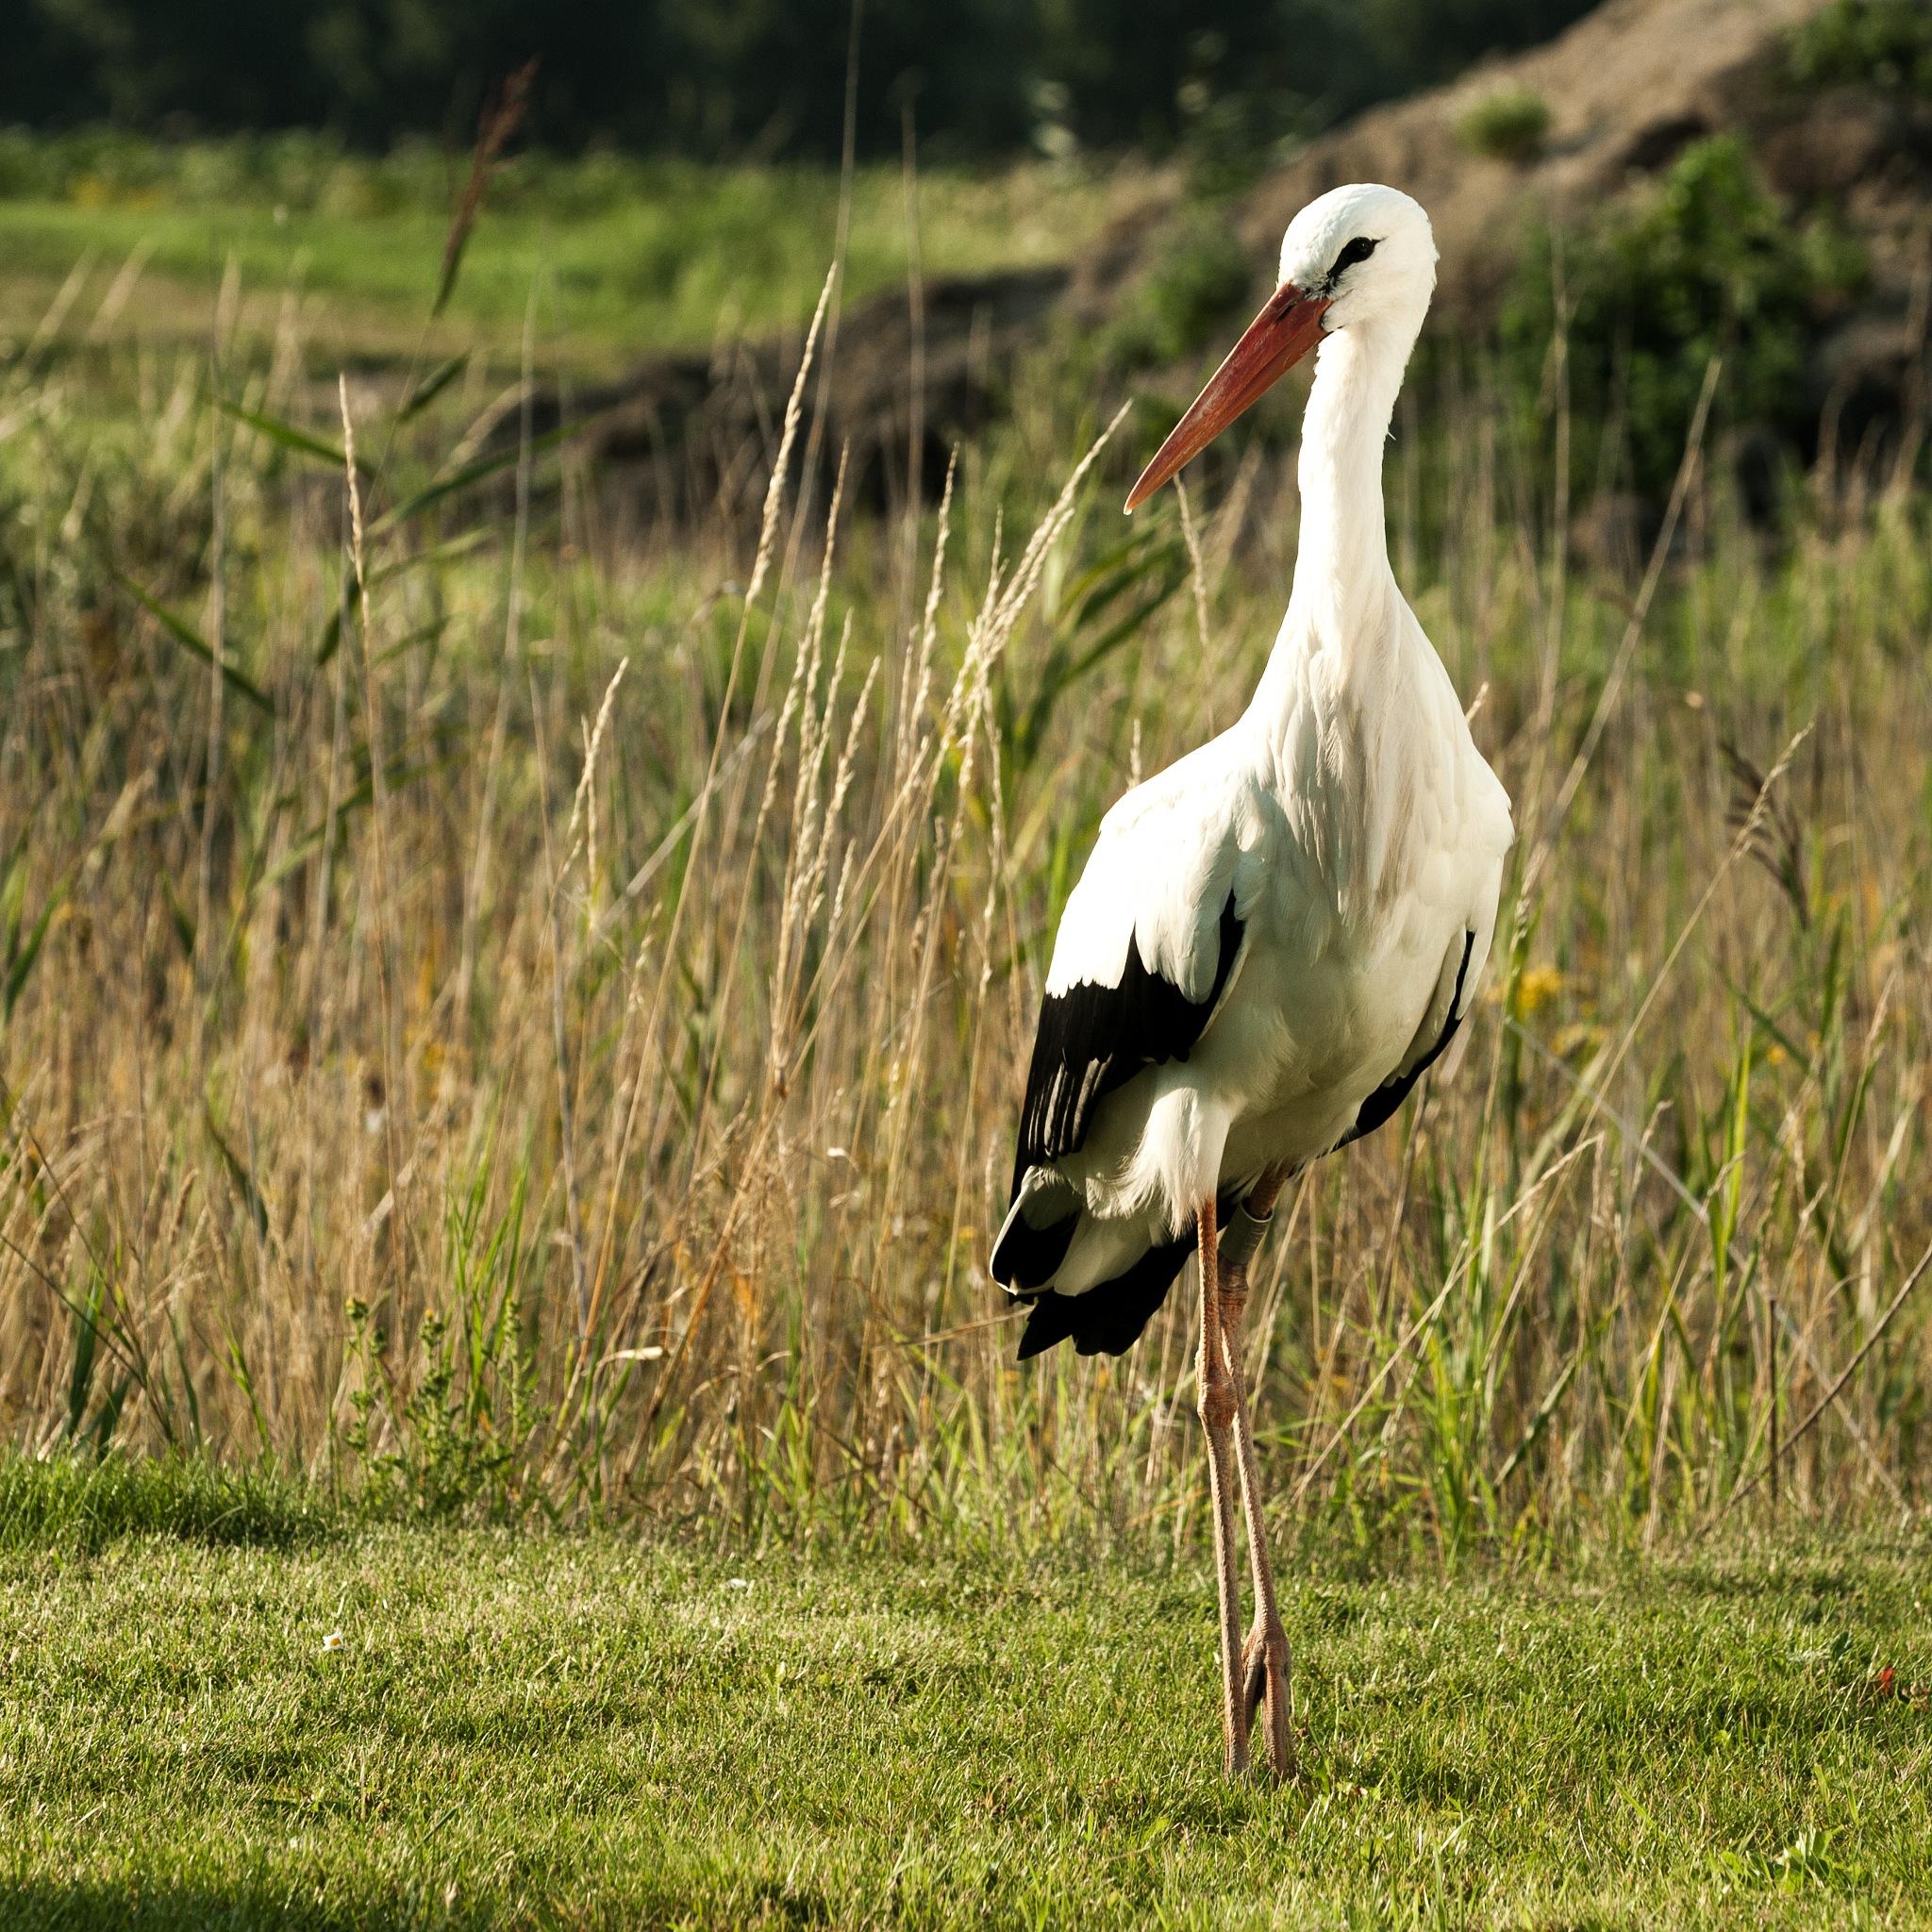 Stork by Ruud van Leeuwen